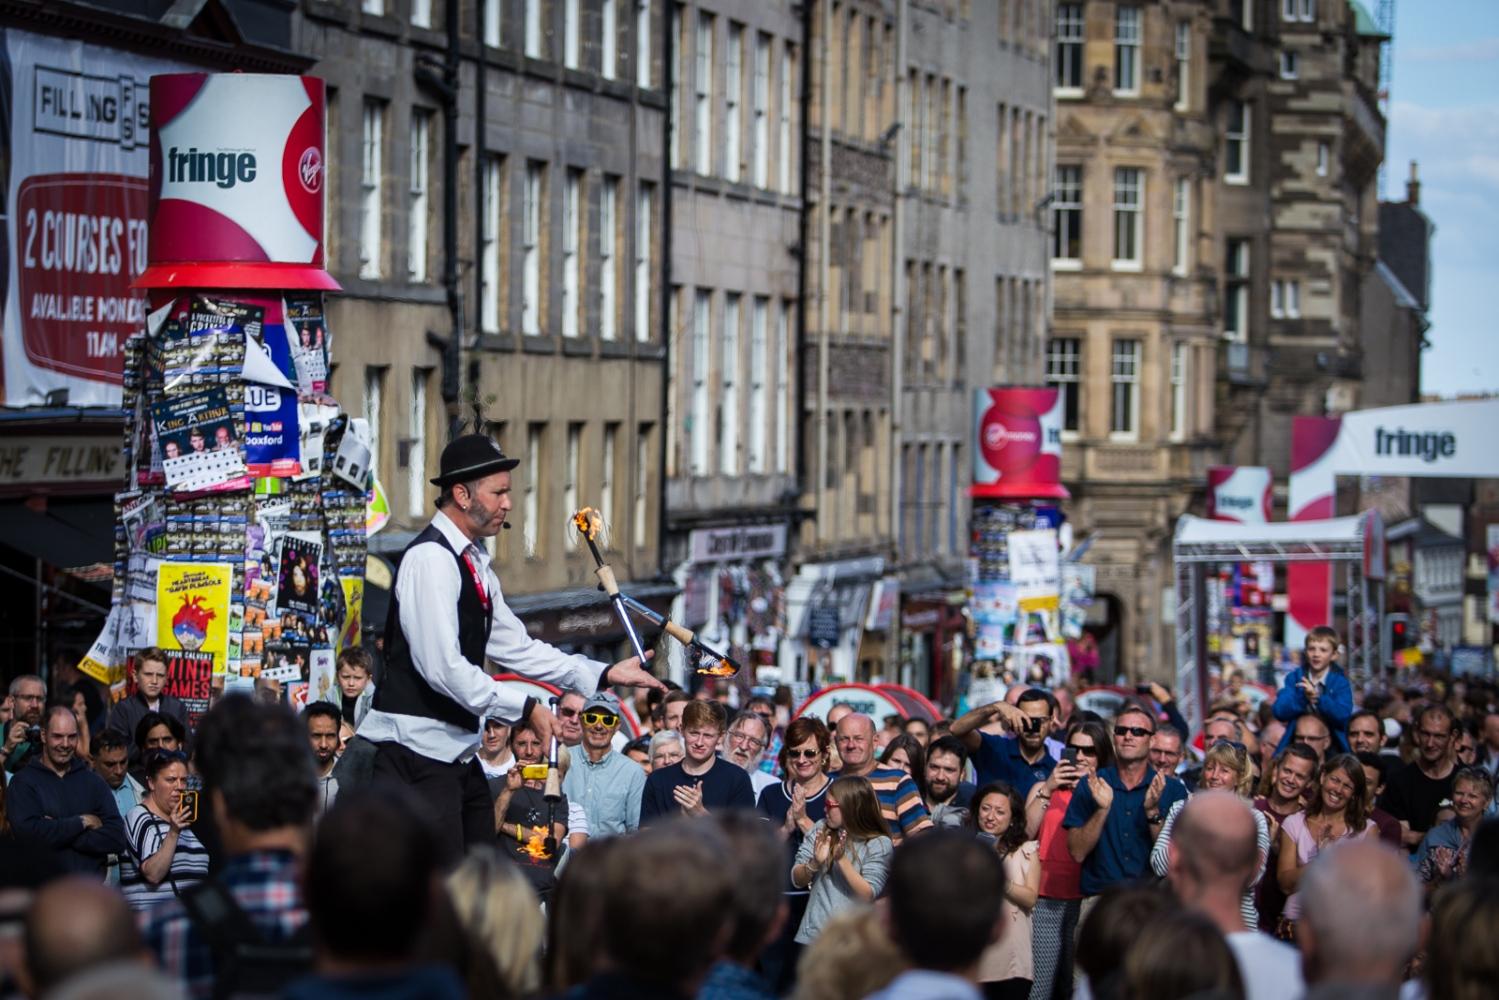 The 2016 Edinburgh Festival Fringe An Edinburgh Festival Fringe entertainer performs on the Royal Mile.